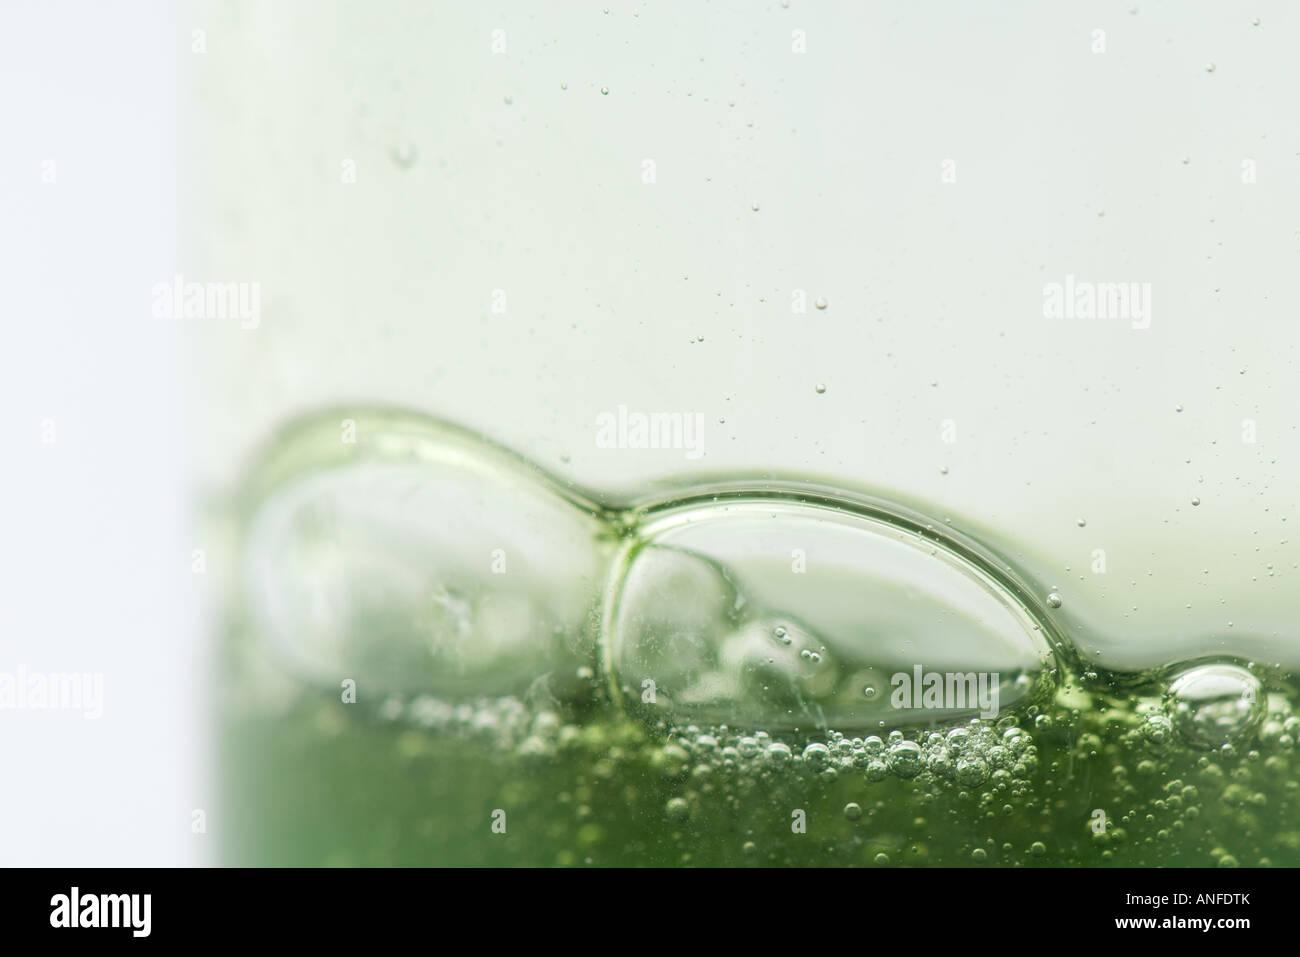 La présence de bulles dans le gel vert, extreme close-up Photo Stock